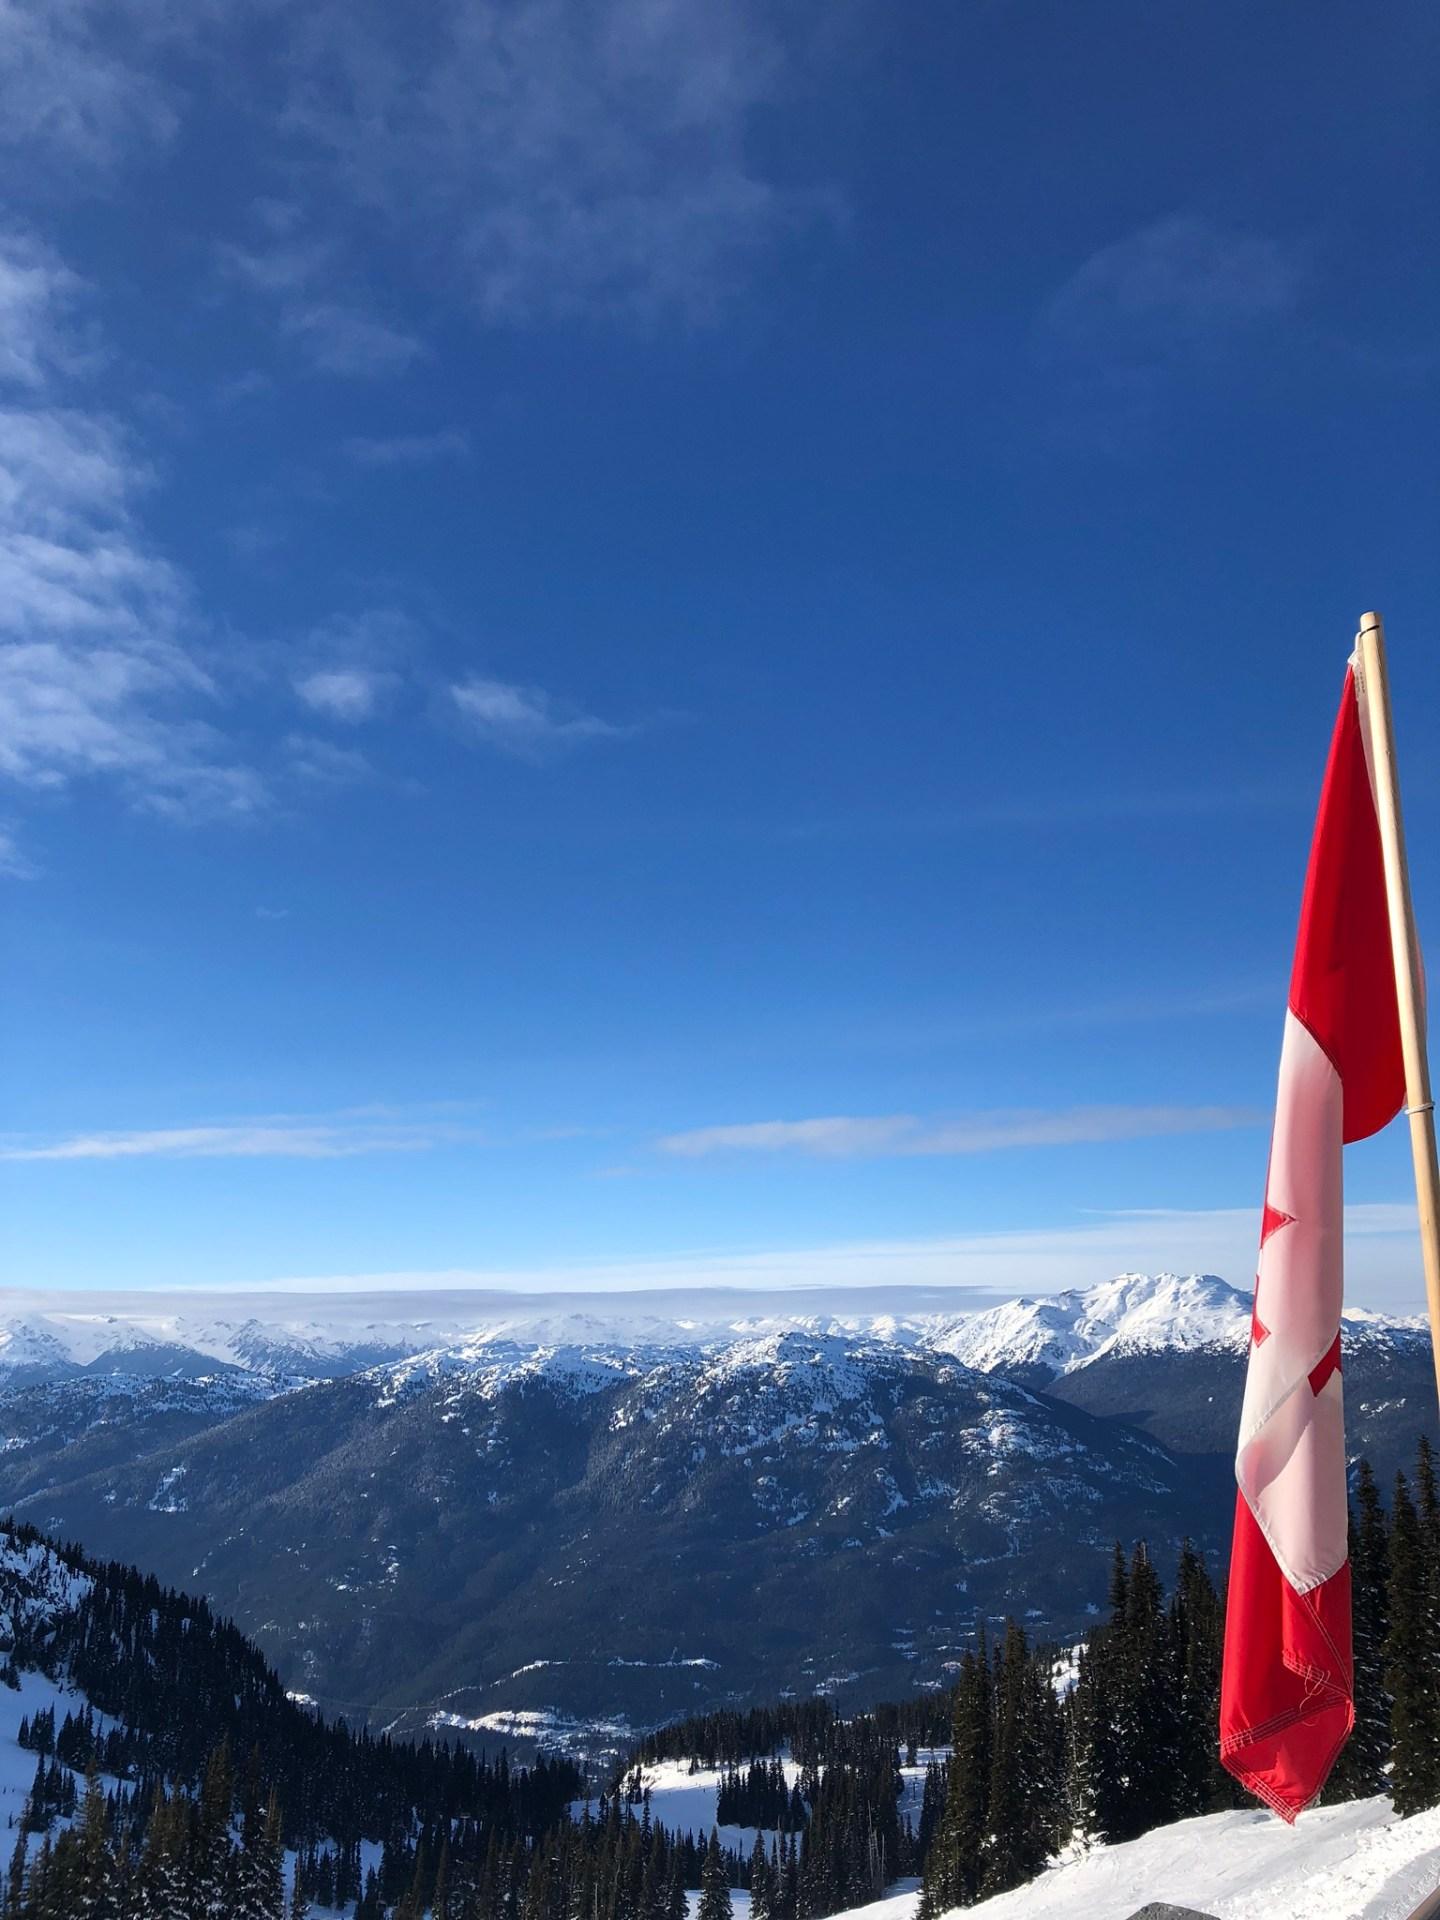 Peak of Whistler mountain